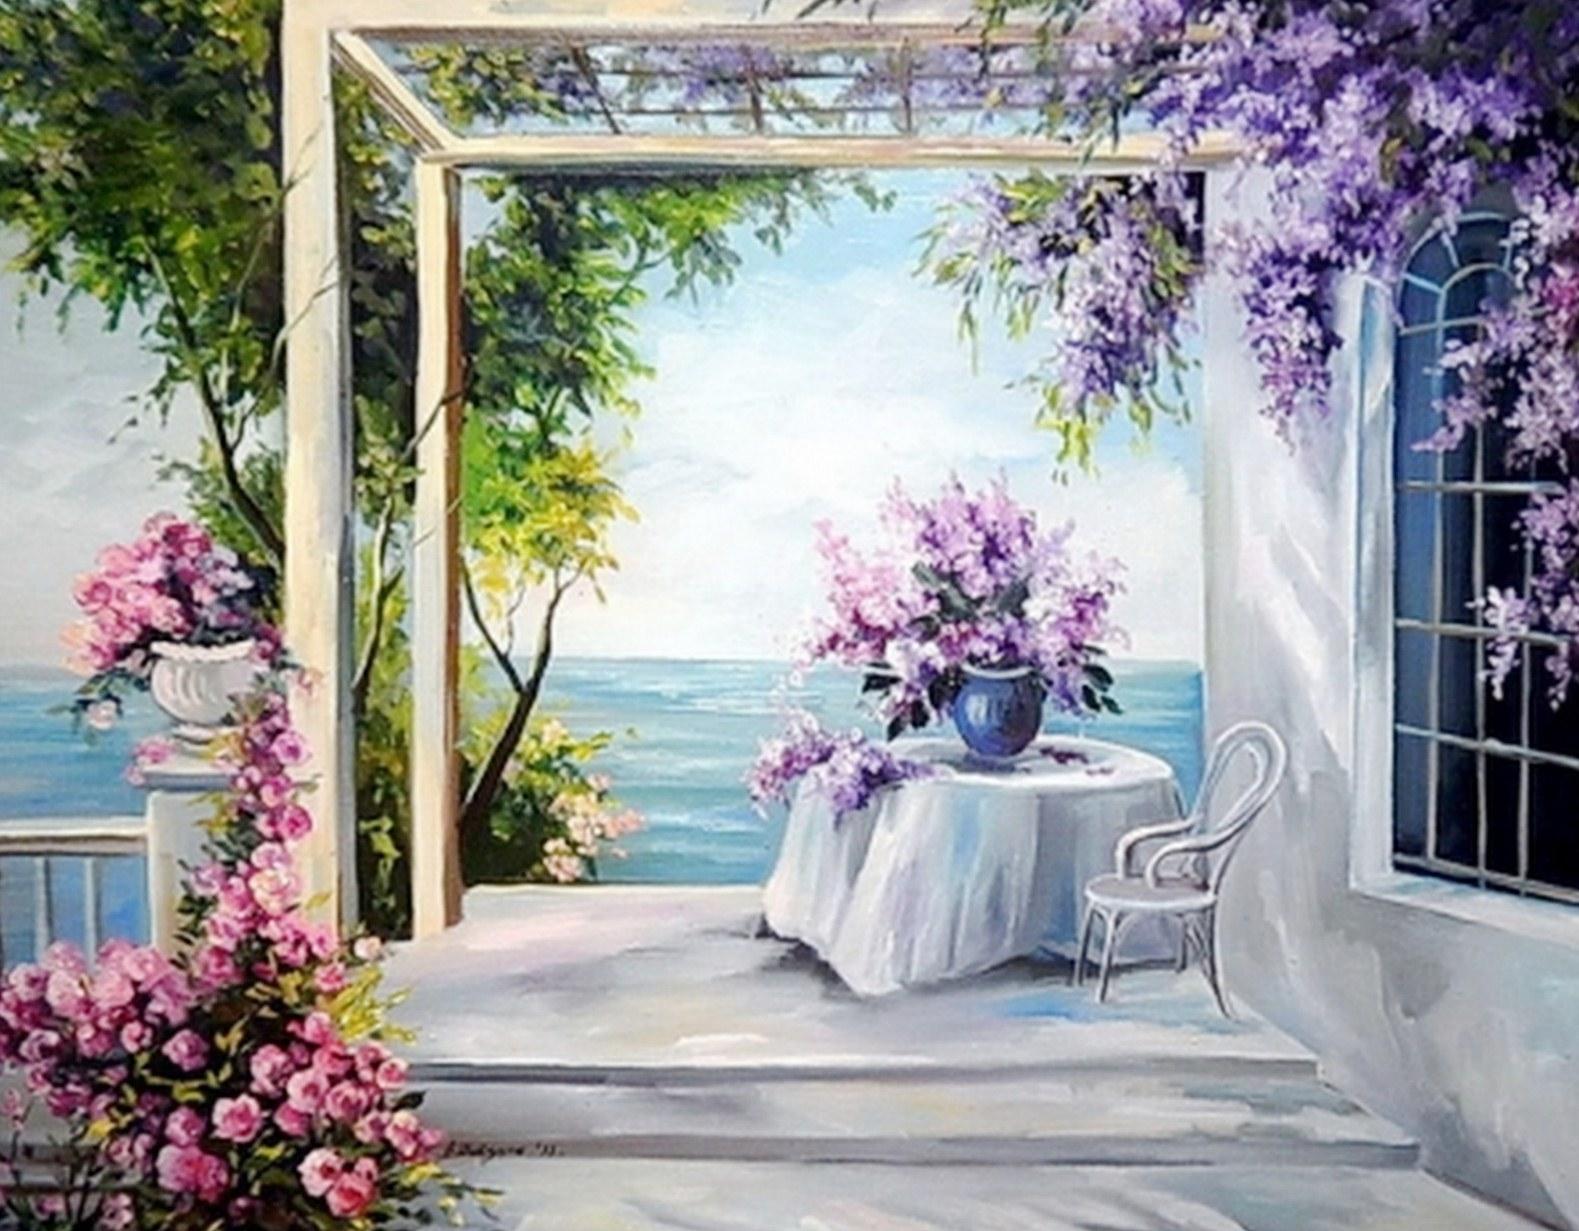 Fotos De Cuadros De Flores Pintados Al Oleo - Flores Pintadas Al Oleo Imágenes de Flores Hermosas